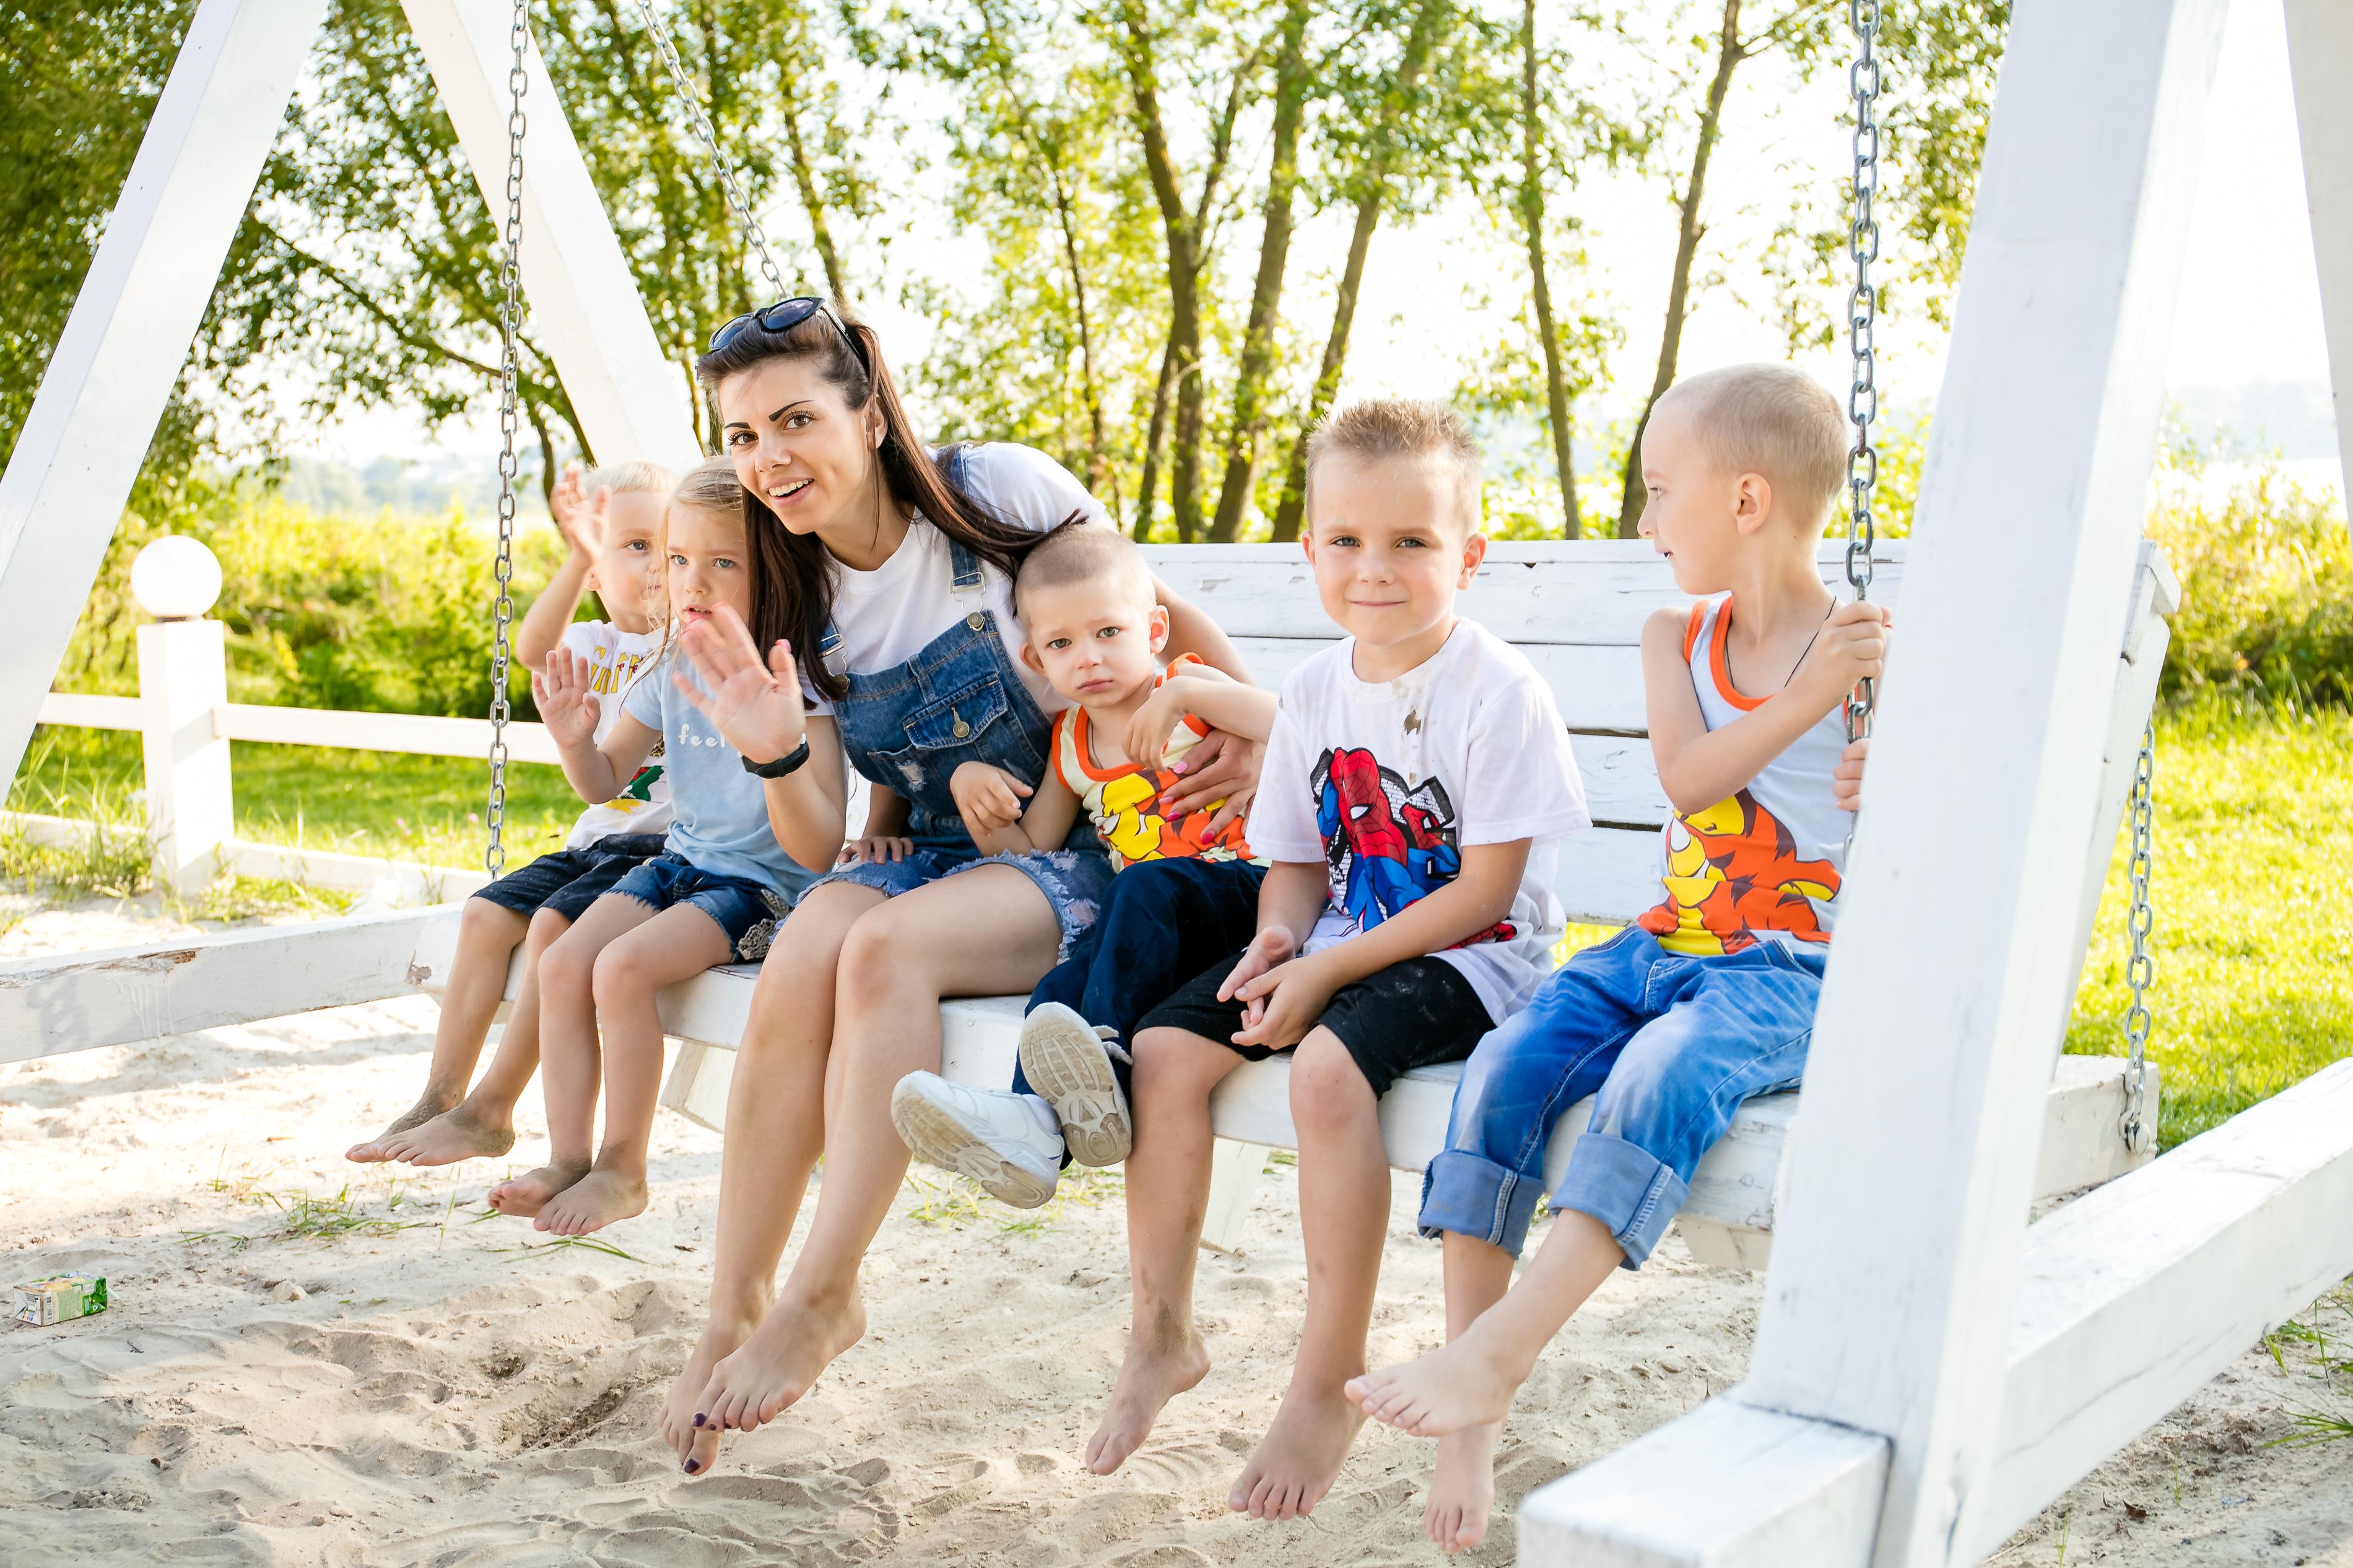 Територія щасливого дитинства